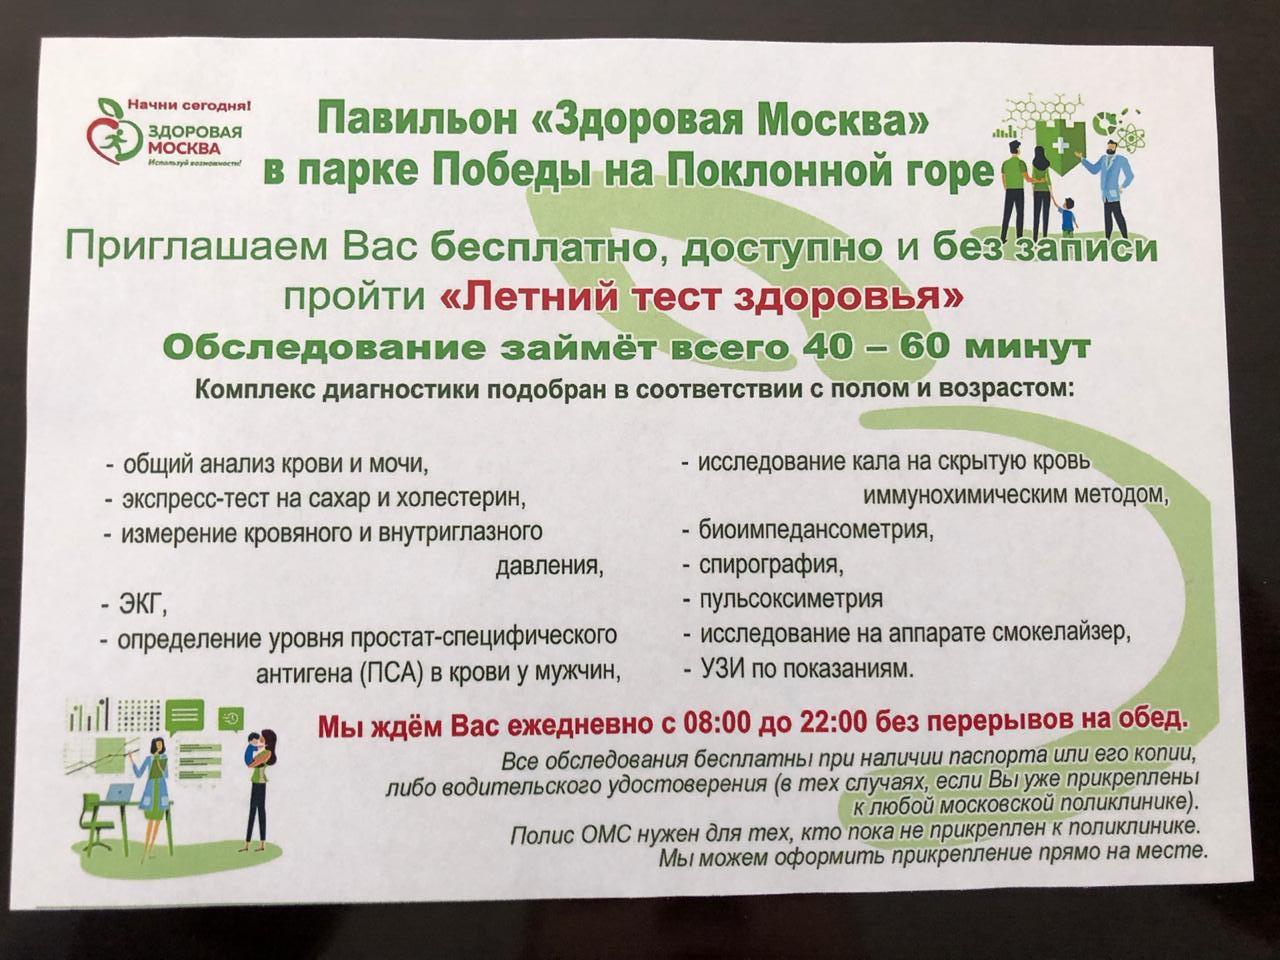 ef333c1e43fbd Просто потому, что для них это редкий шанс выступить перед «родной»  аудиторией. А для российских зрителей, соответственно, это единственный  шанс увидеть ...